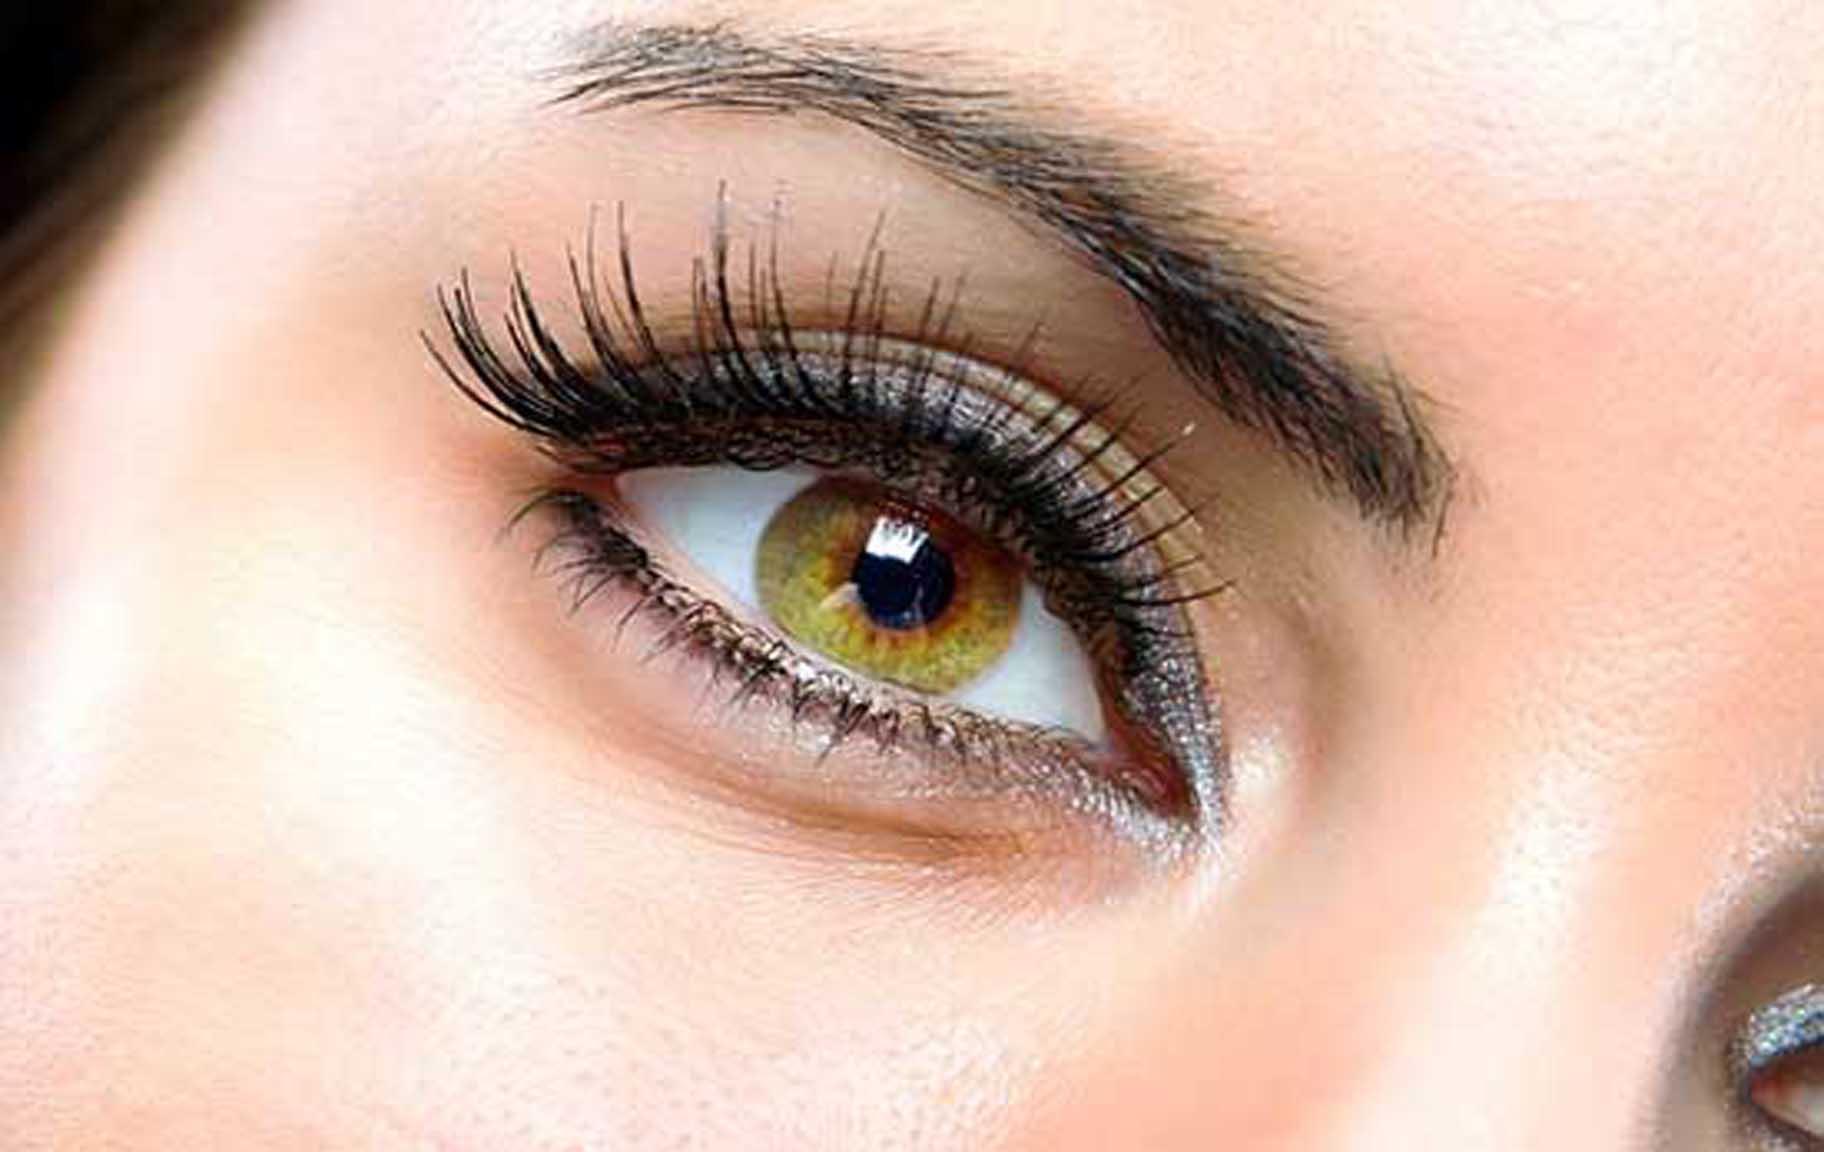 .jpeg - خرید لنز چشم رنگی یا خرید لنز چشم طبی ؟